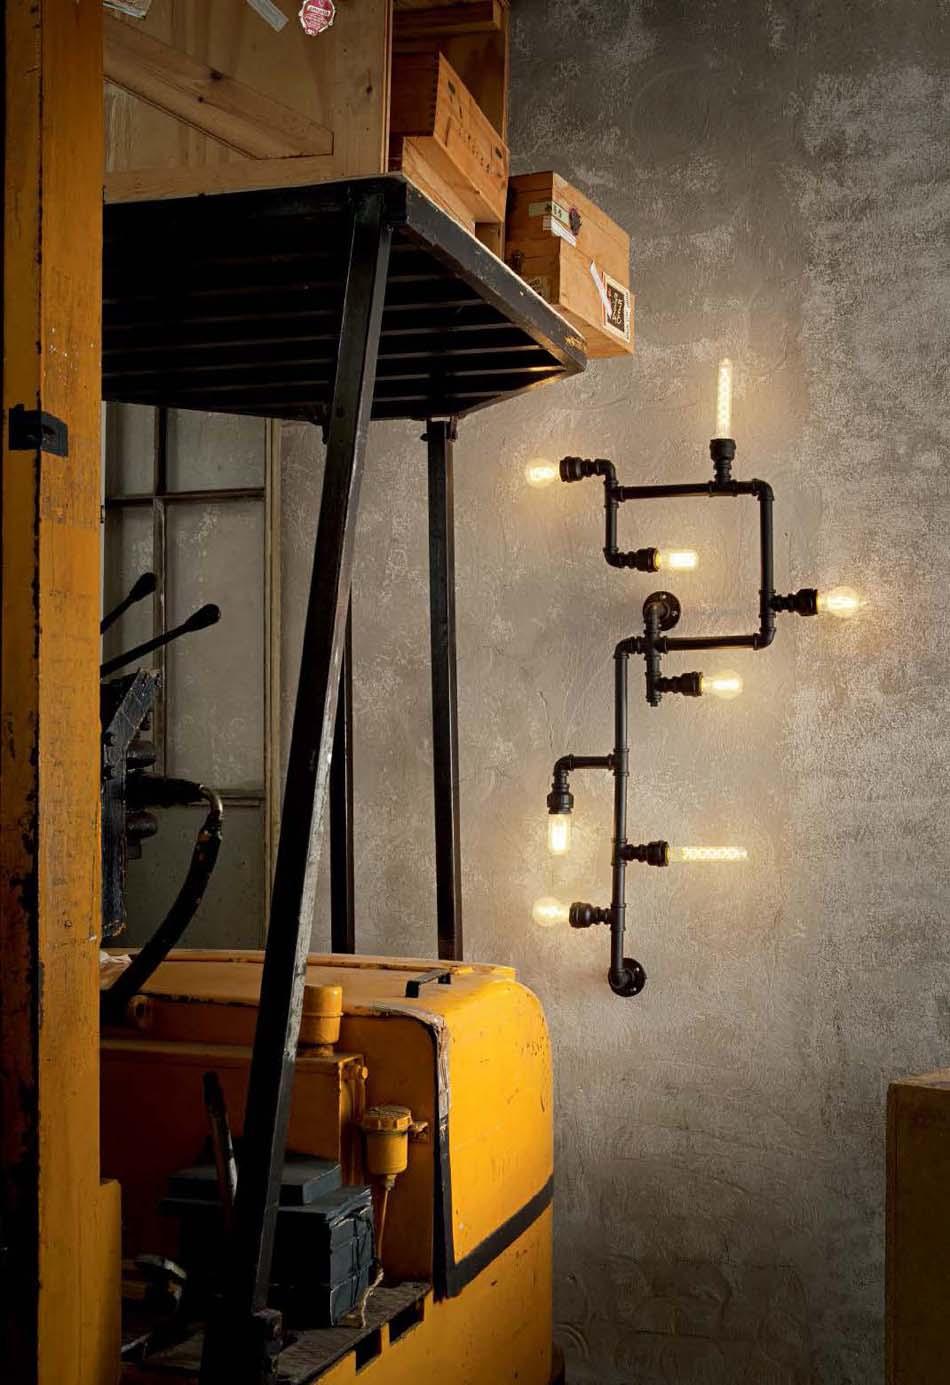 Lampade 08 sospensione Ideal Lux Plumber – Bruni Arredamenti